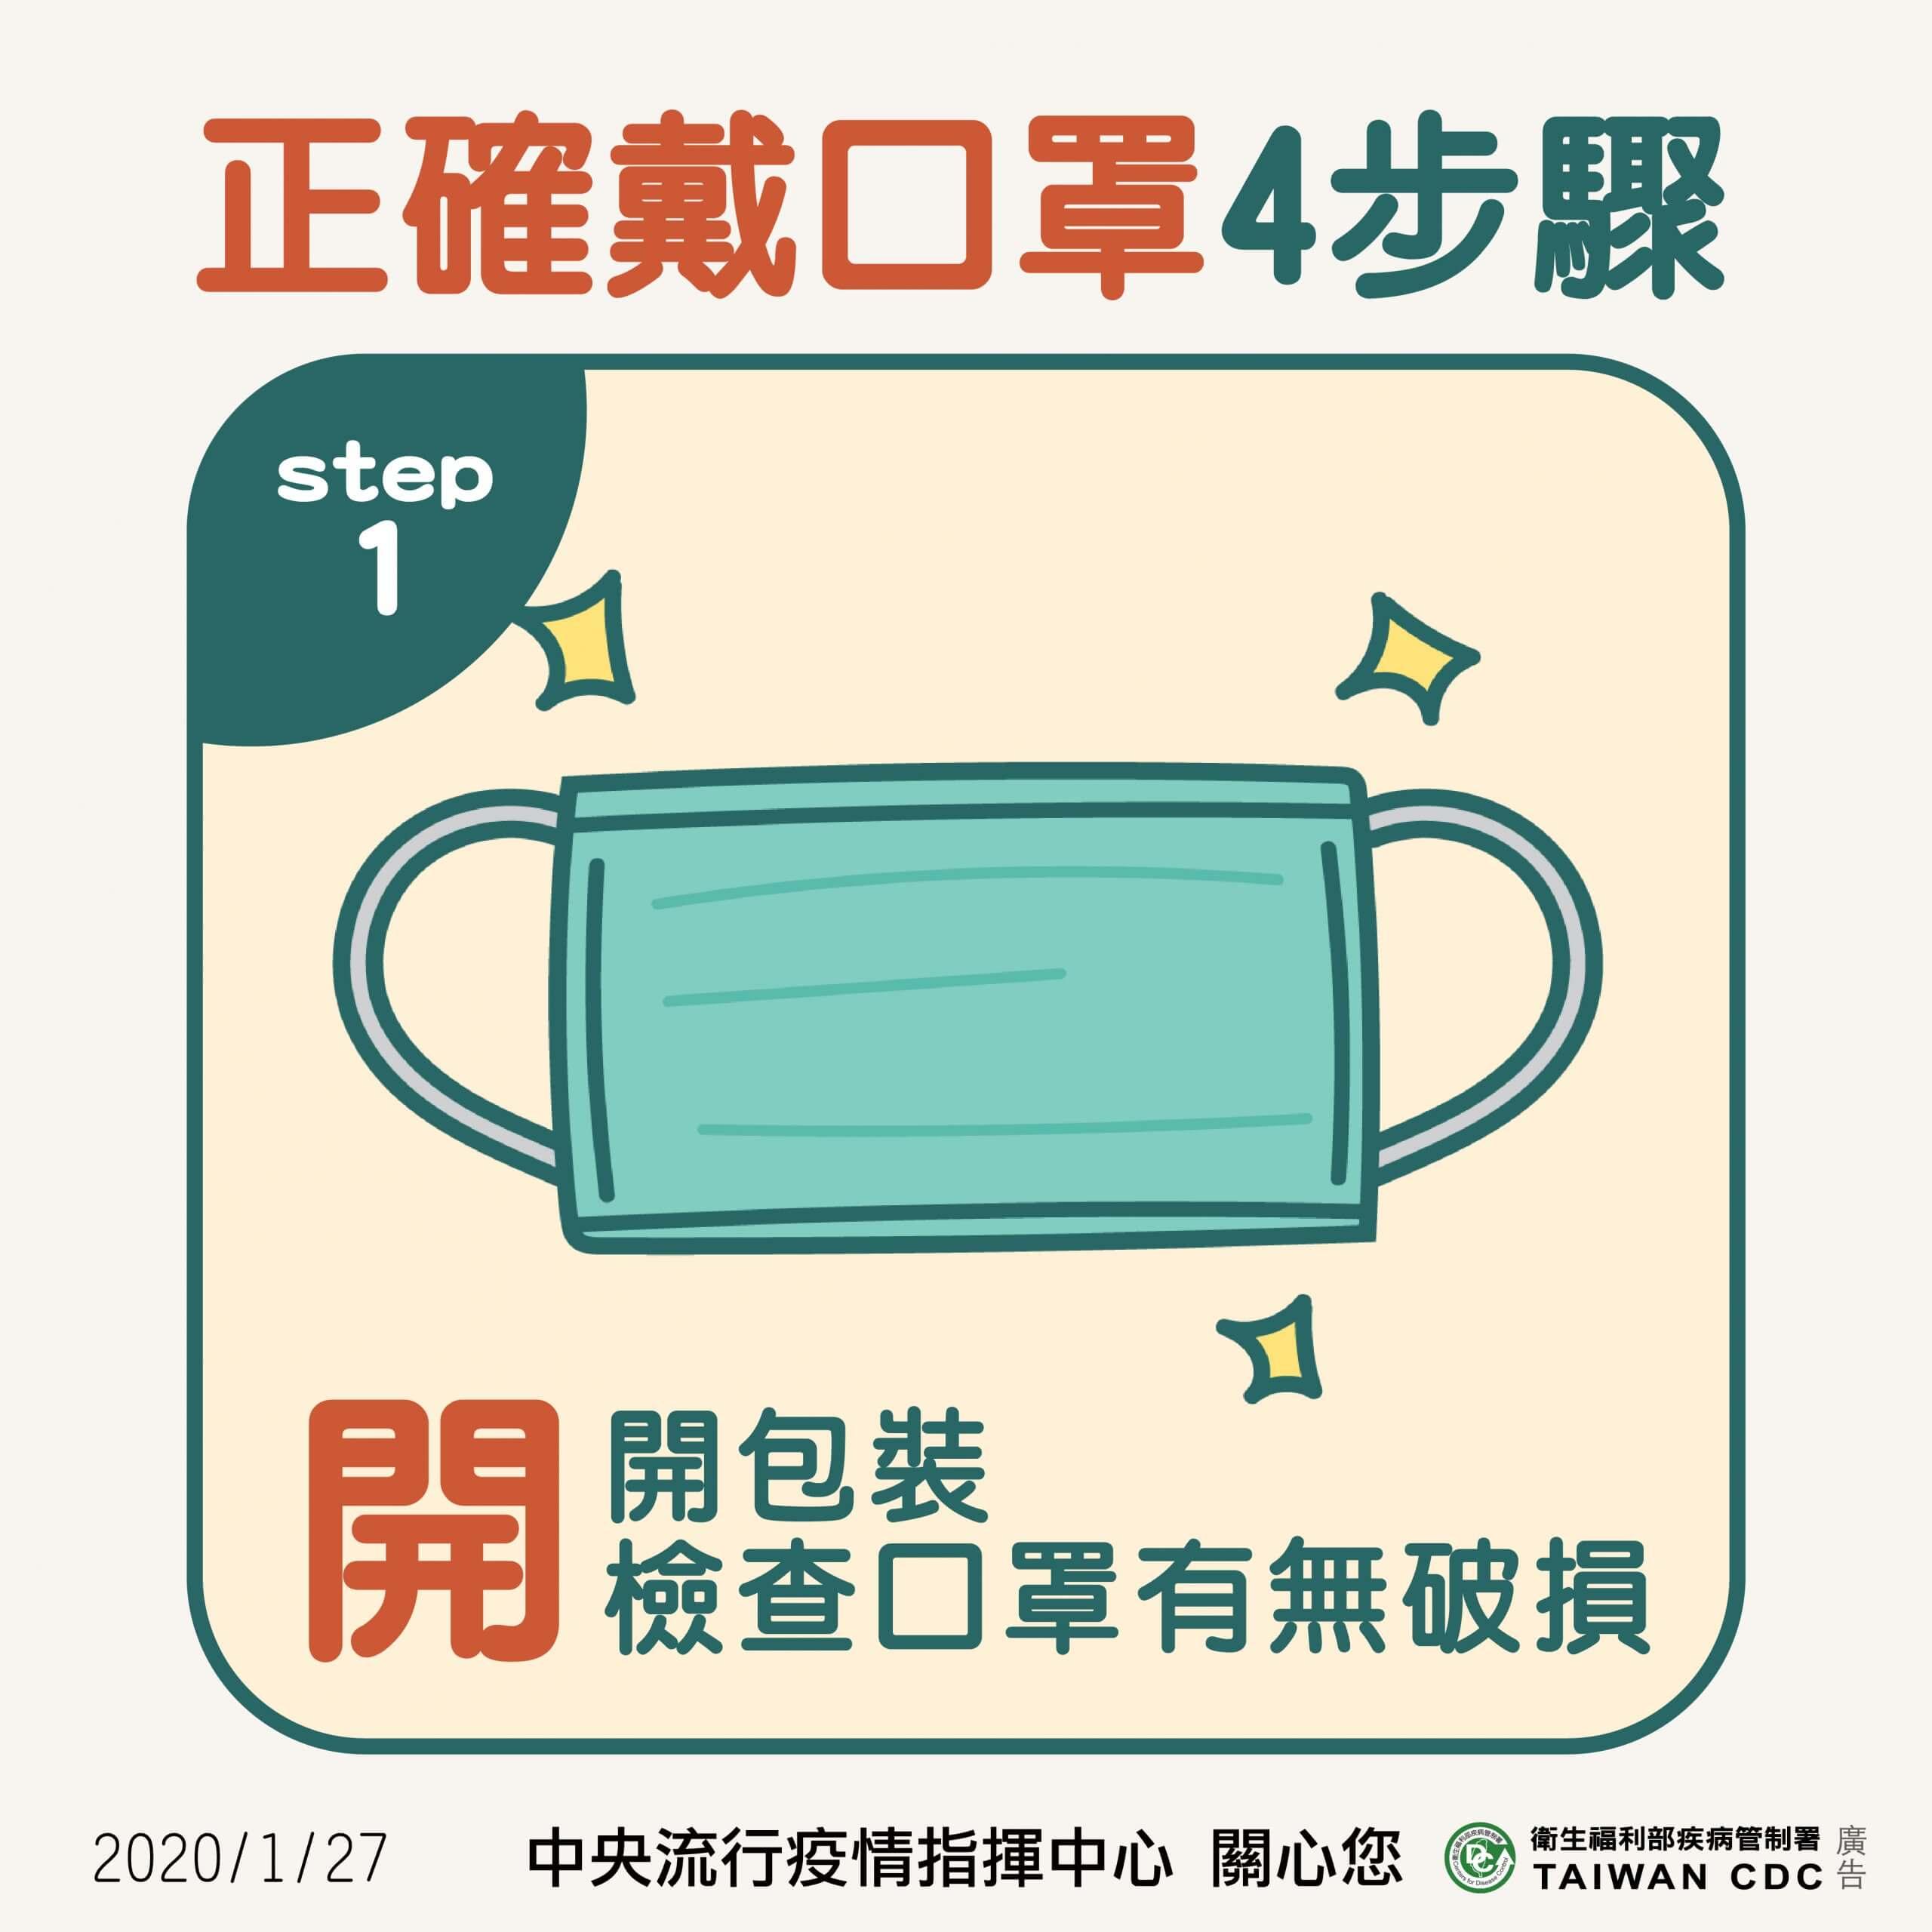 防流感,肺炎先戴對口罩!一次看懂挑選,配戴,丟棄 3 大重點 | Heho健康